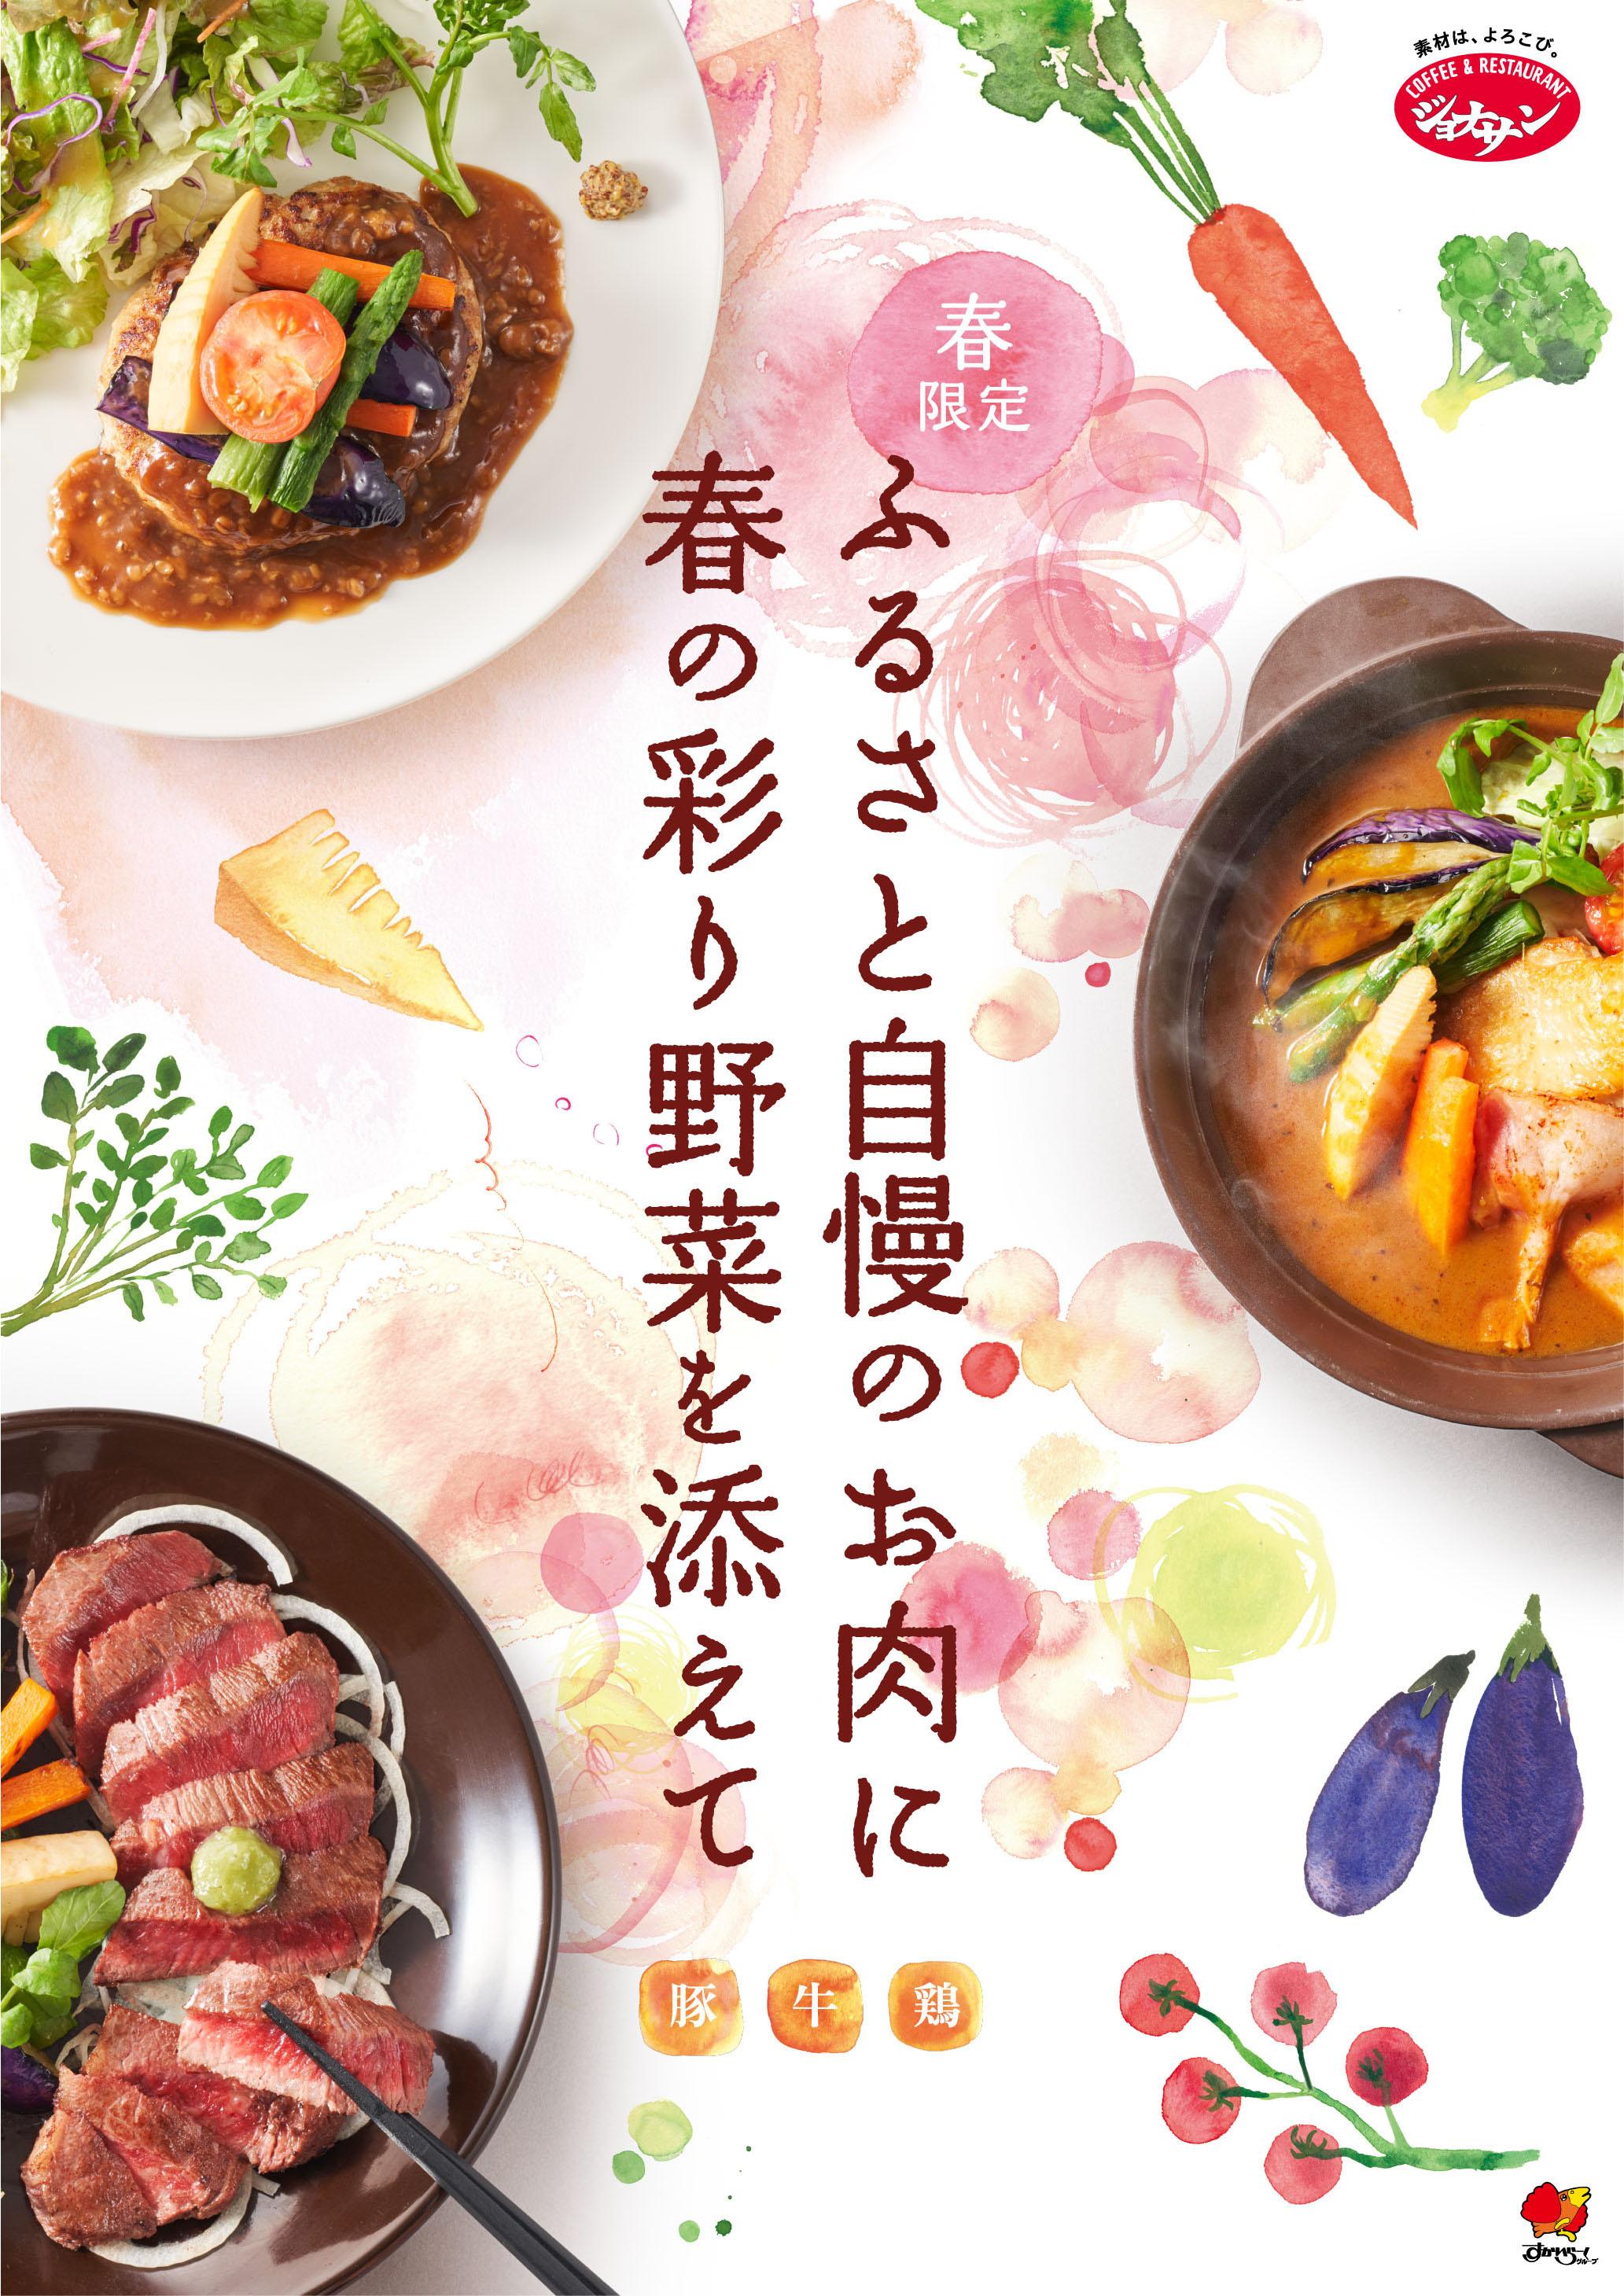 0213_js_通常店_B1_poster_nol